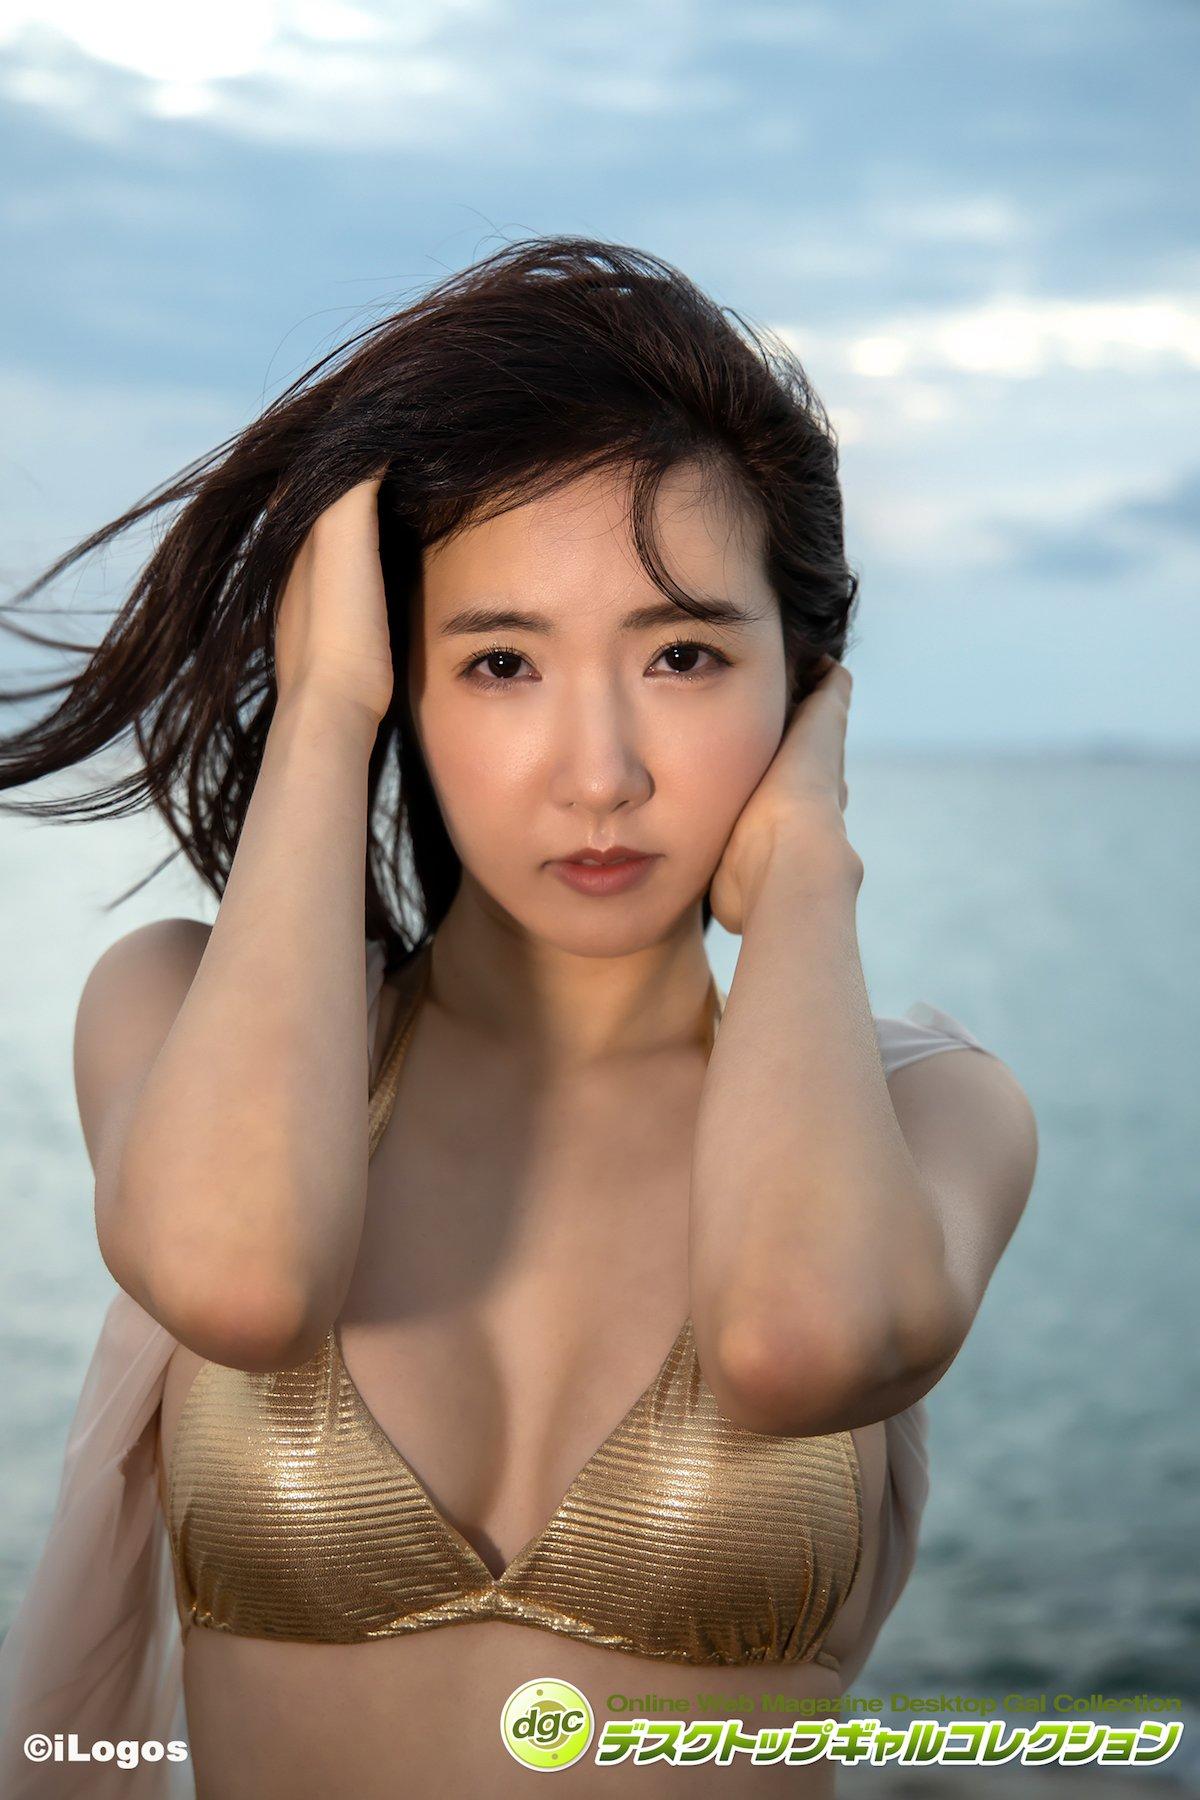 イ・リン「韓国産の至宝」柔らかそうなバストに視線集中!【画像5枚】の画像004